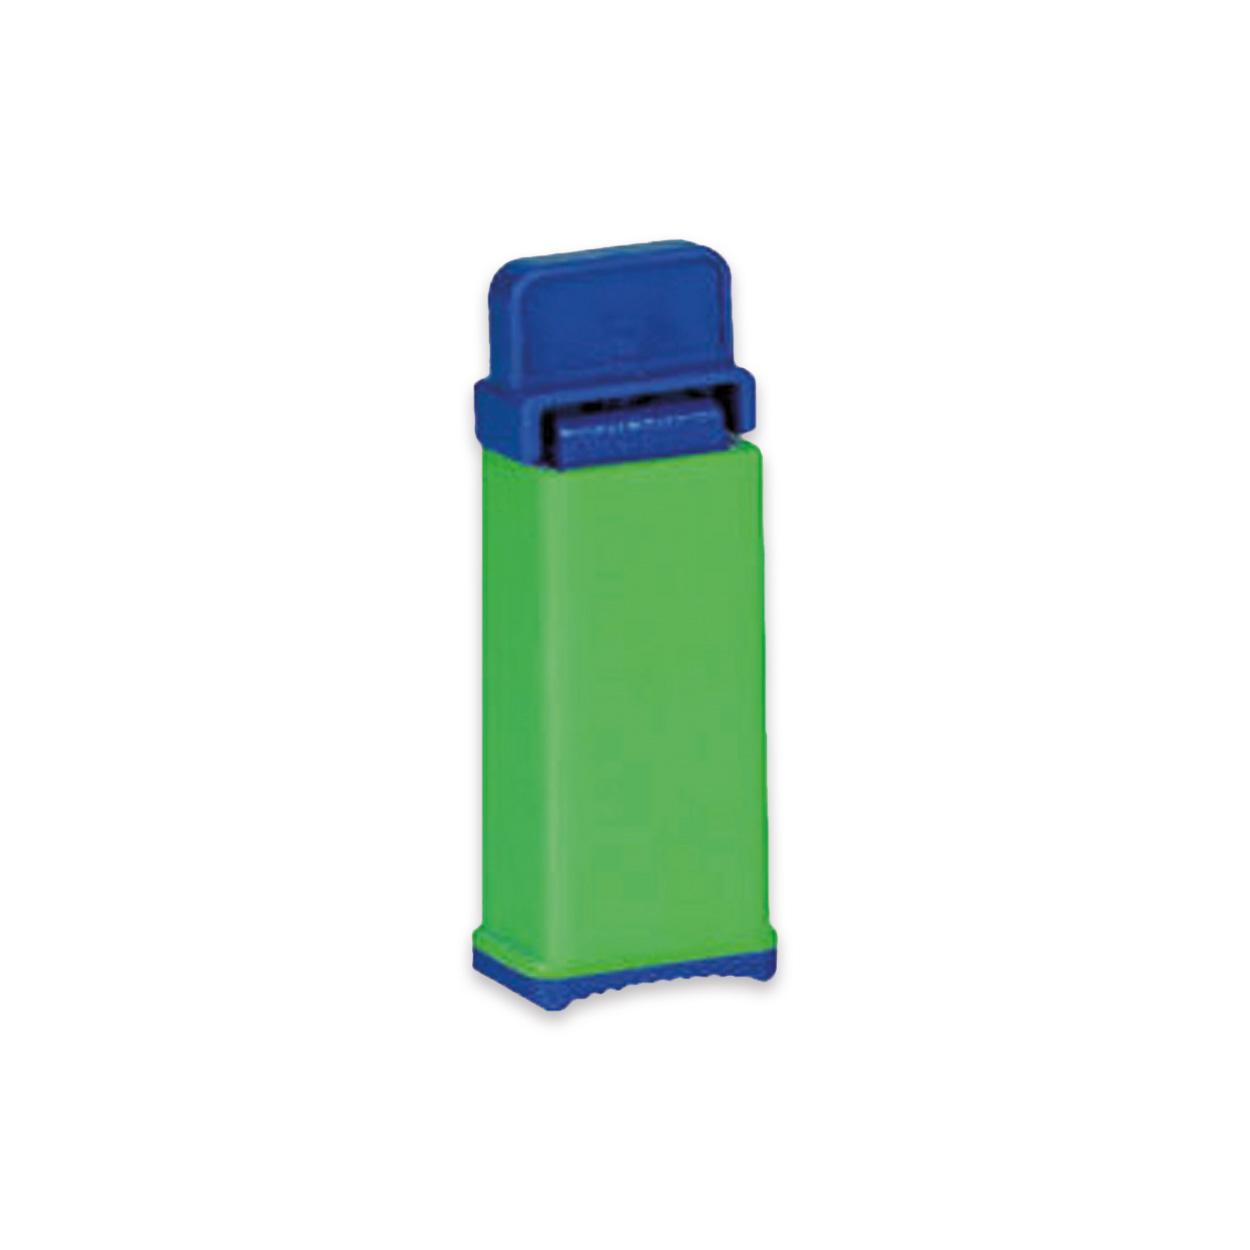 Sterilance Blutzuckerlanzetten (grün) - Packung à 100 Stück